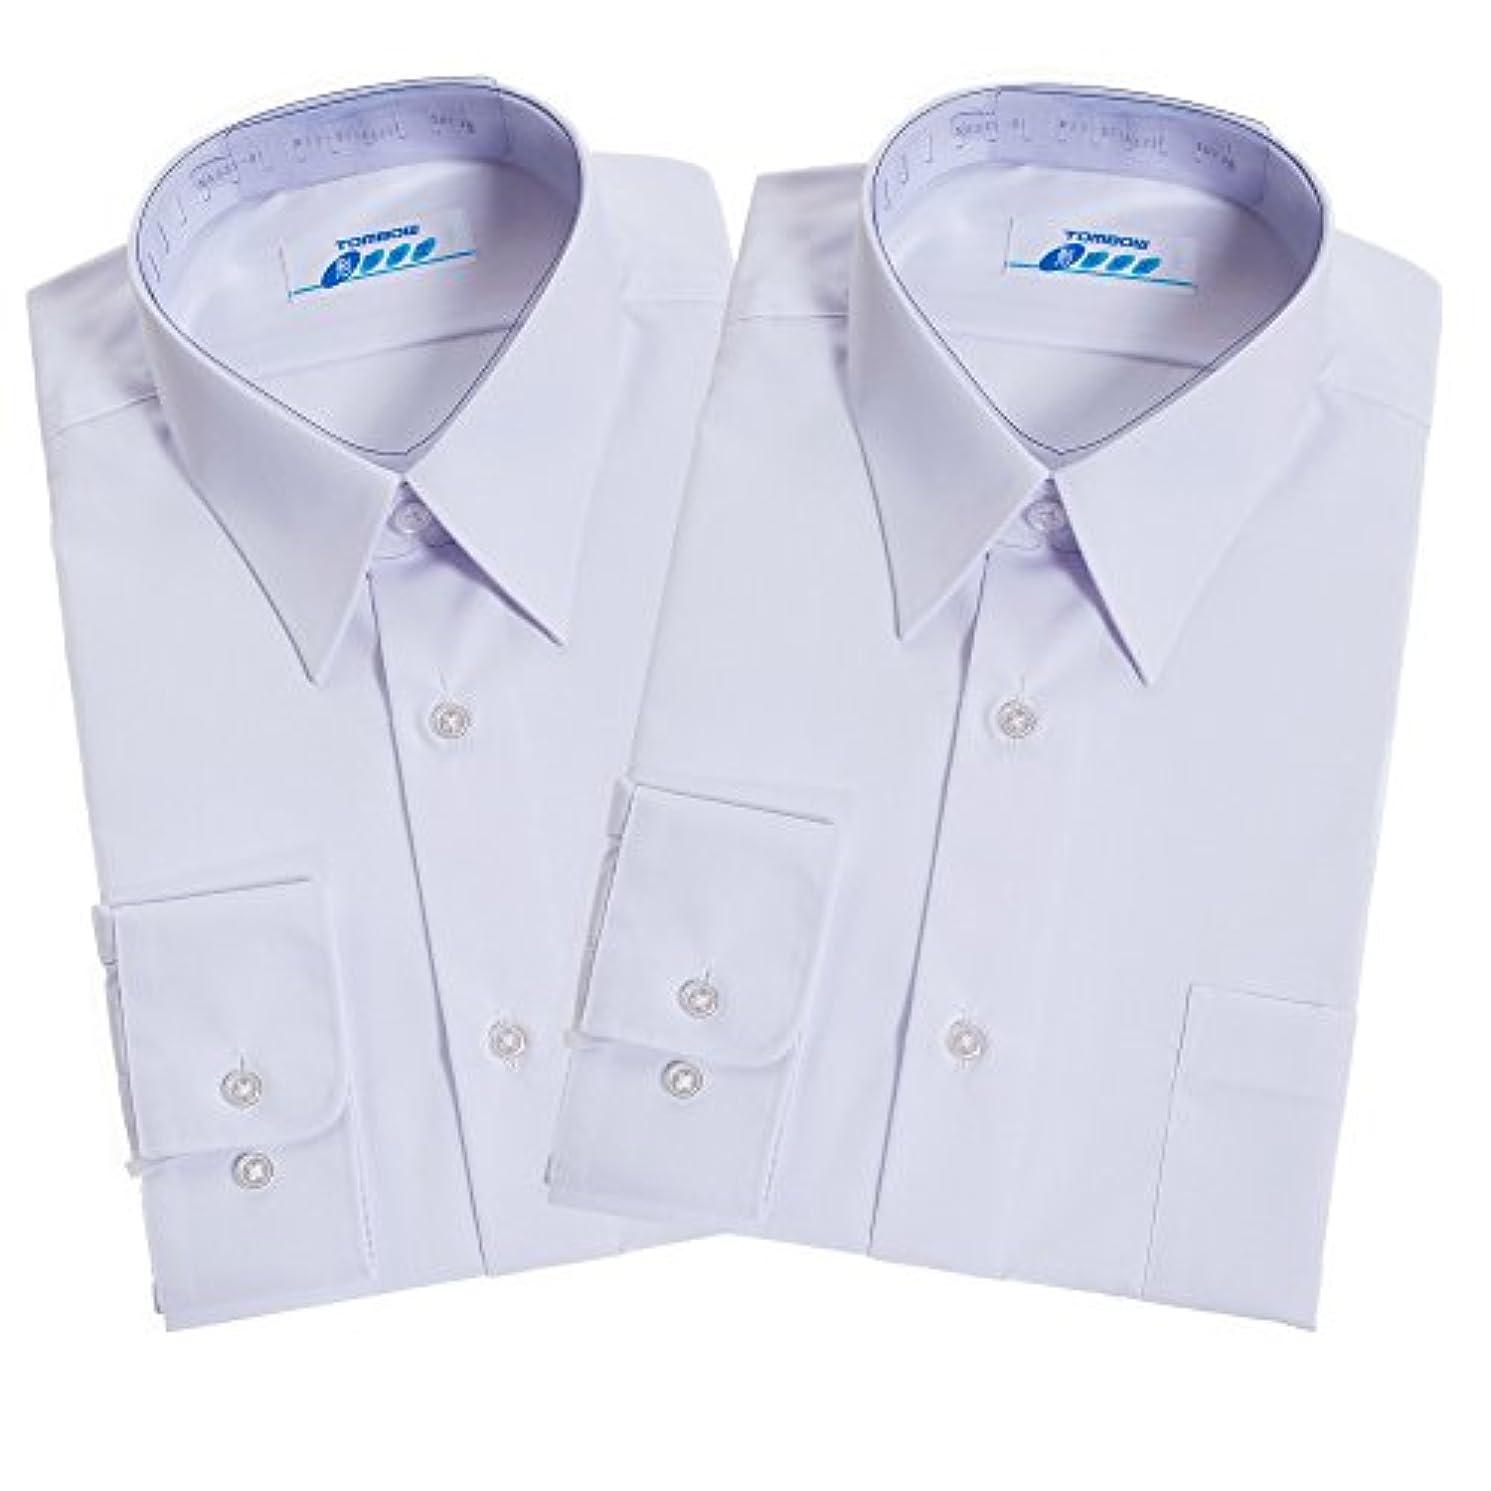 雄弁家用心する独創的トンボ(TOMBOW) スクールシャツ 男子 長袖 白 形態安定 抗菌防臭 A体 2枚セット 5A835-01【A35(155)】